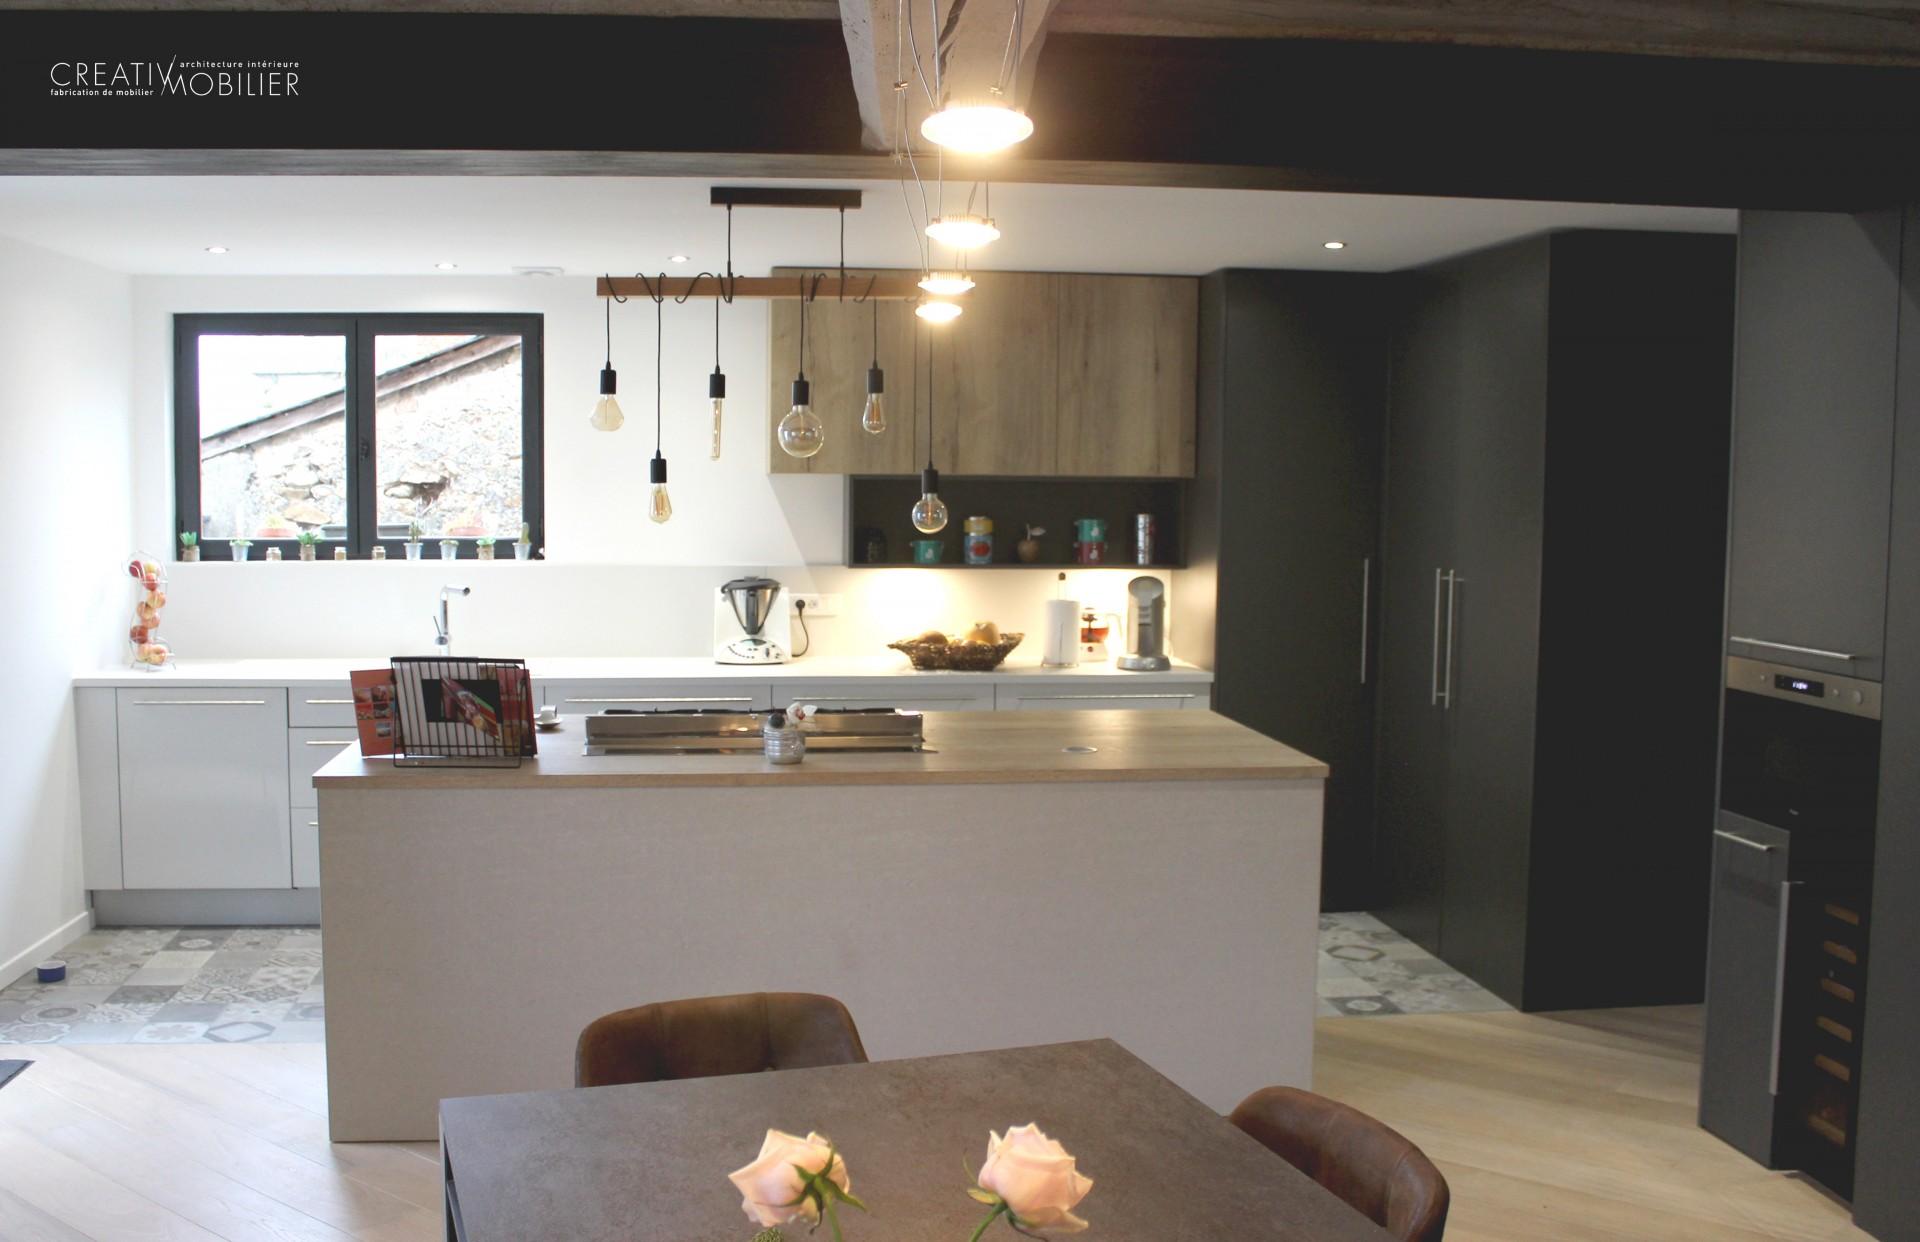 des astuces et des solutions astucieuses pour les petites et grandes cuisines. Black Bedroom Furniture Sets. Home Design Ideas